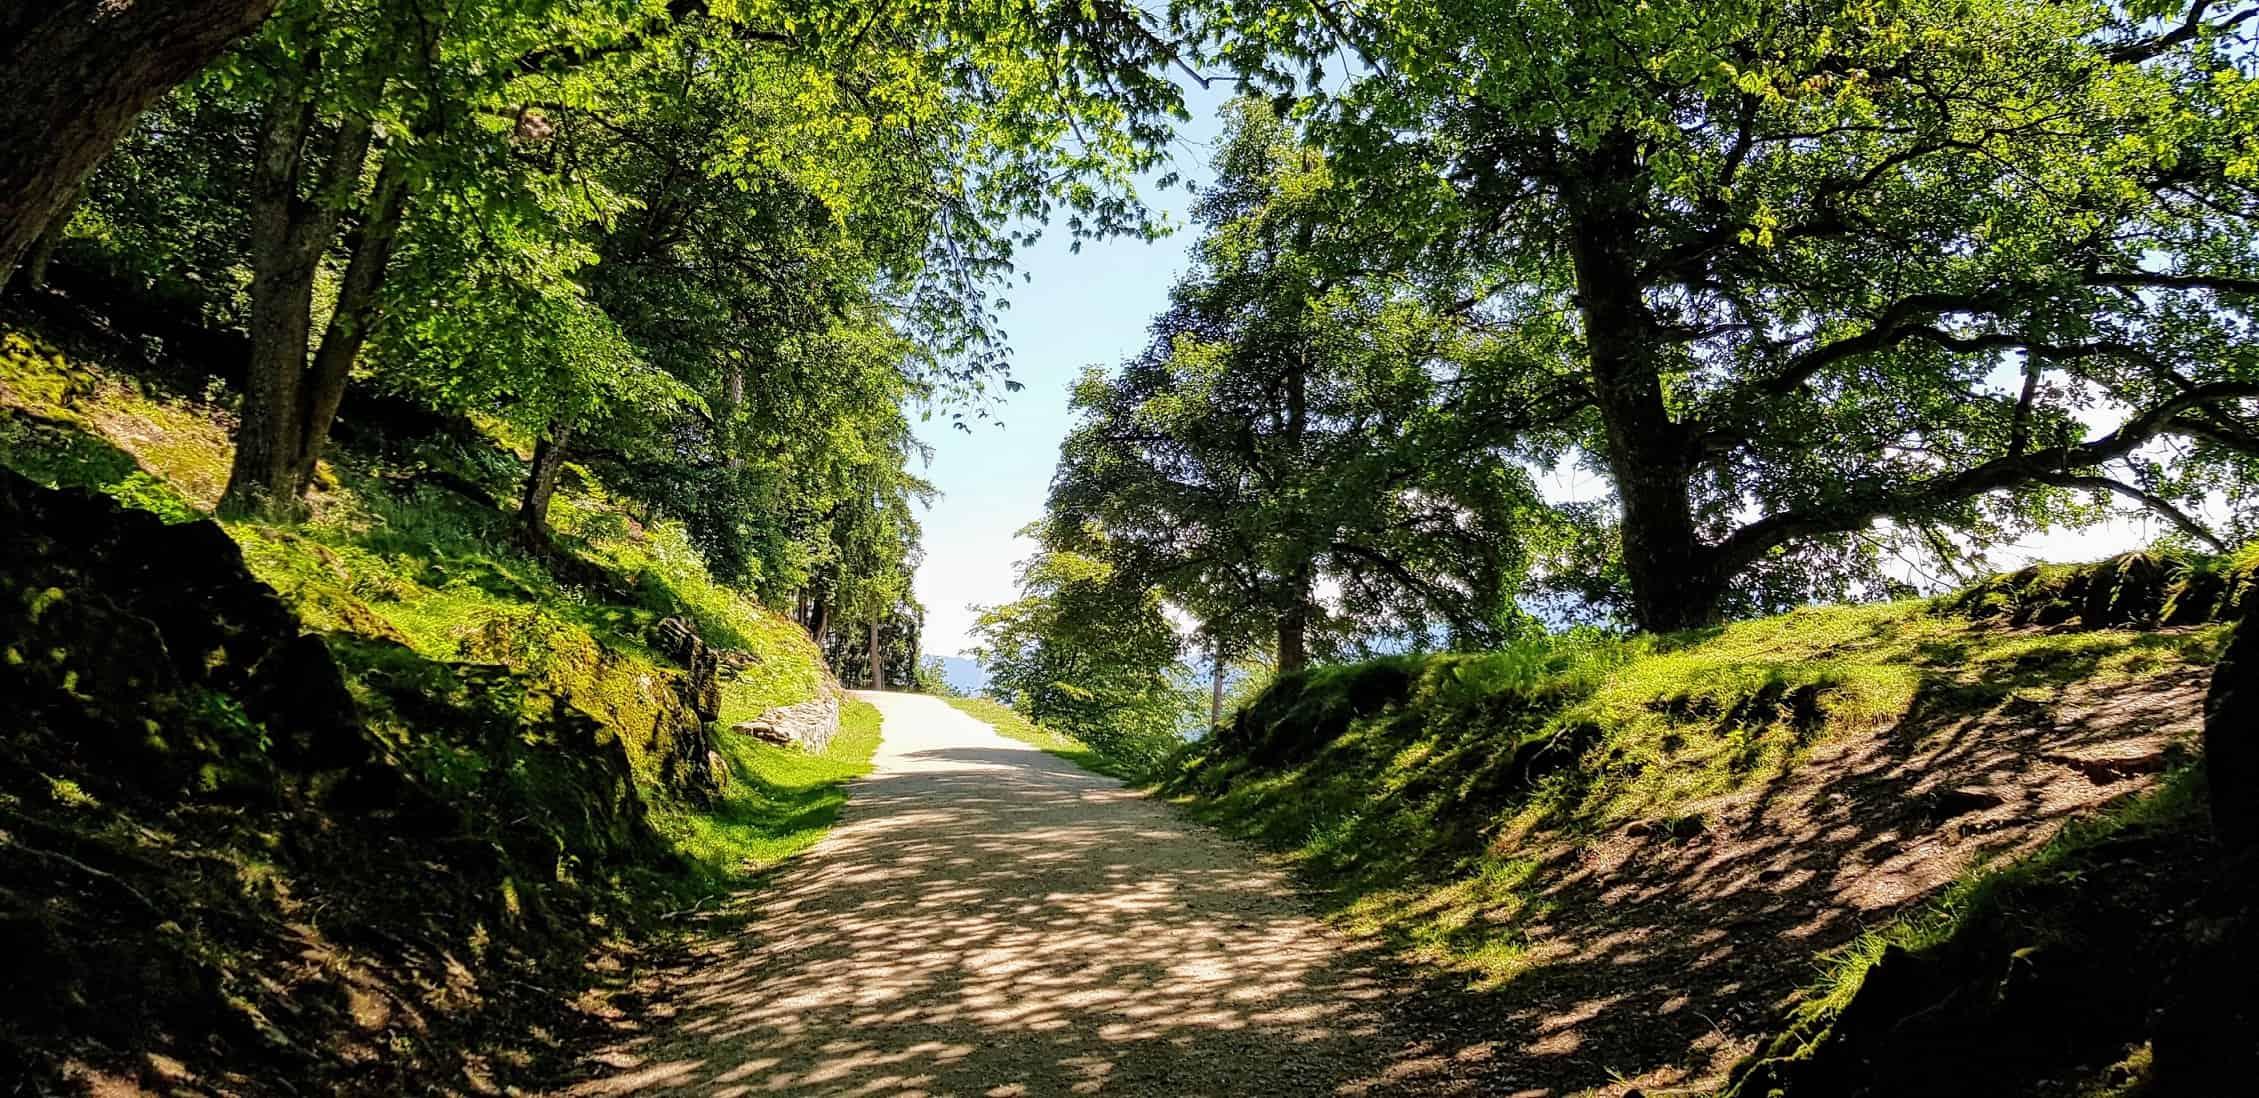 Wanderweg durch Ausflugsziel Tierpark Rosegg in Kärnten